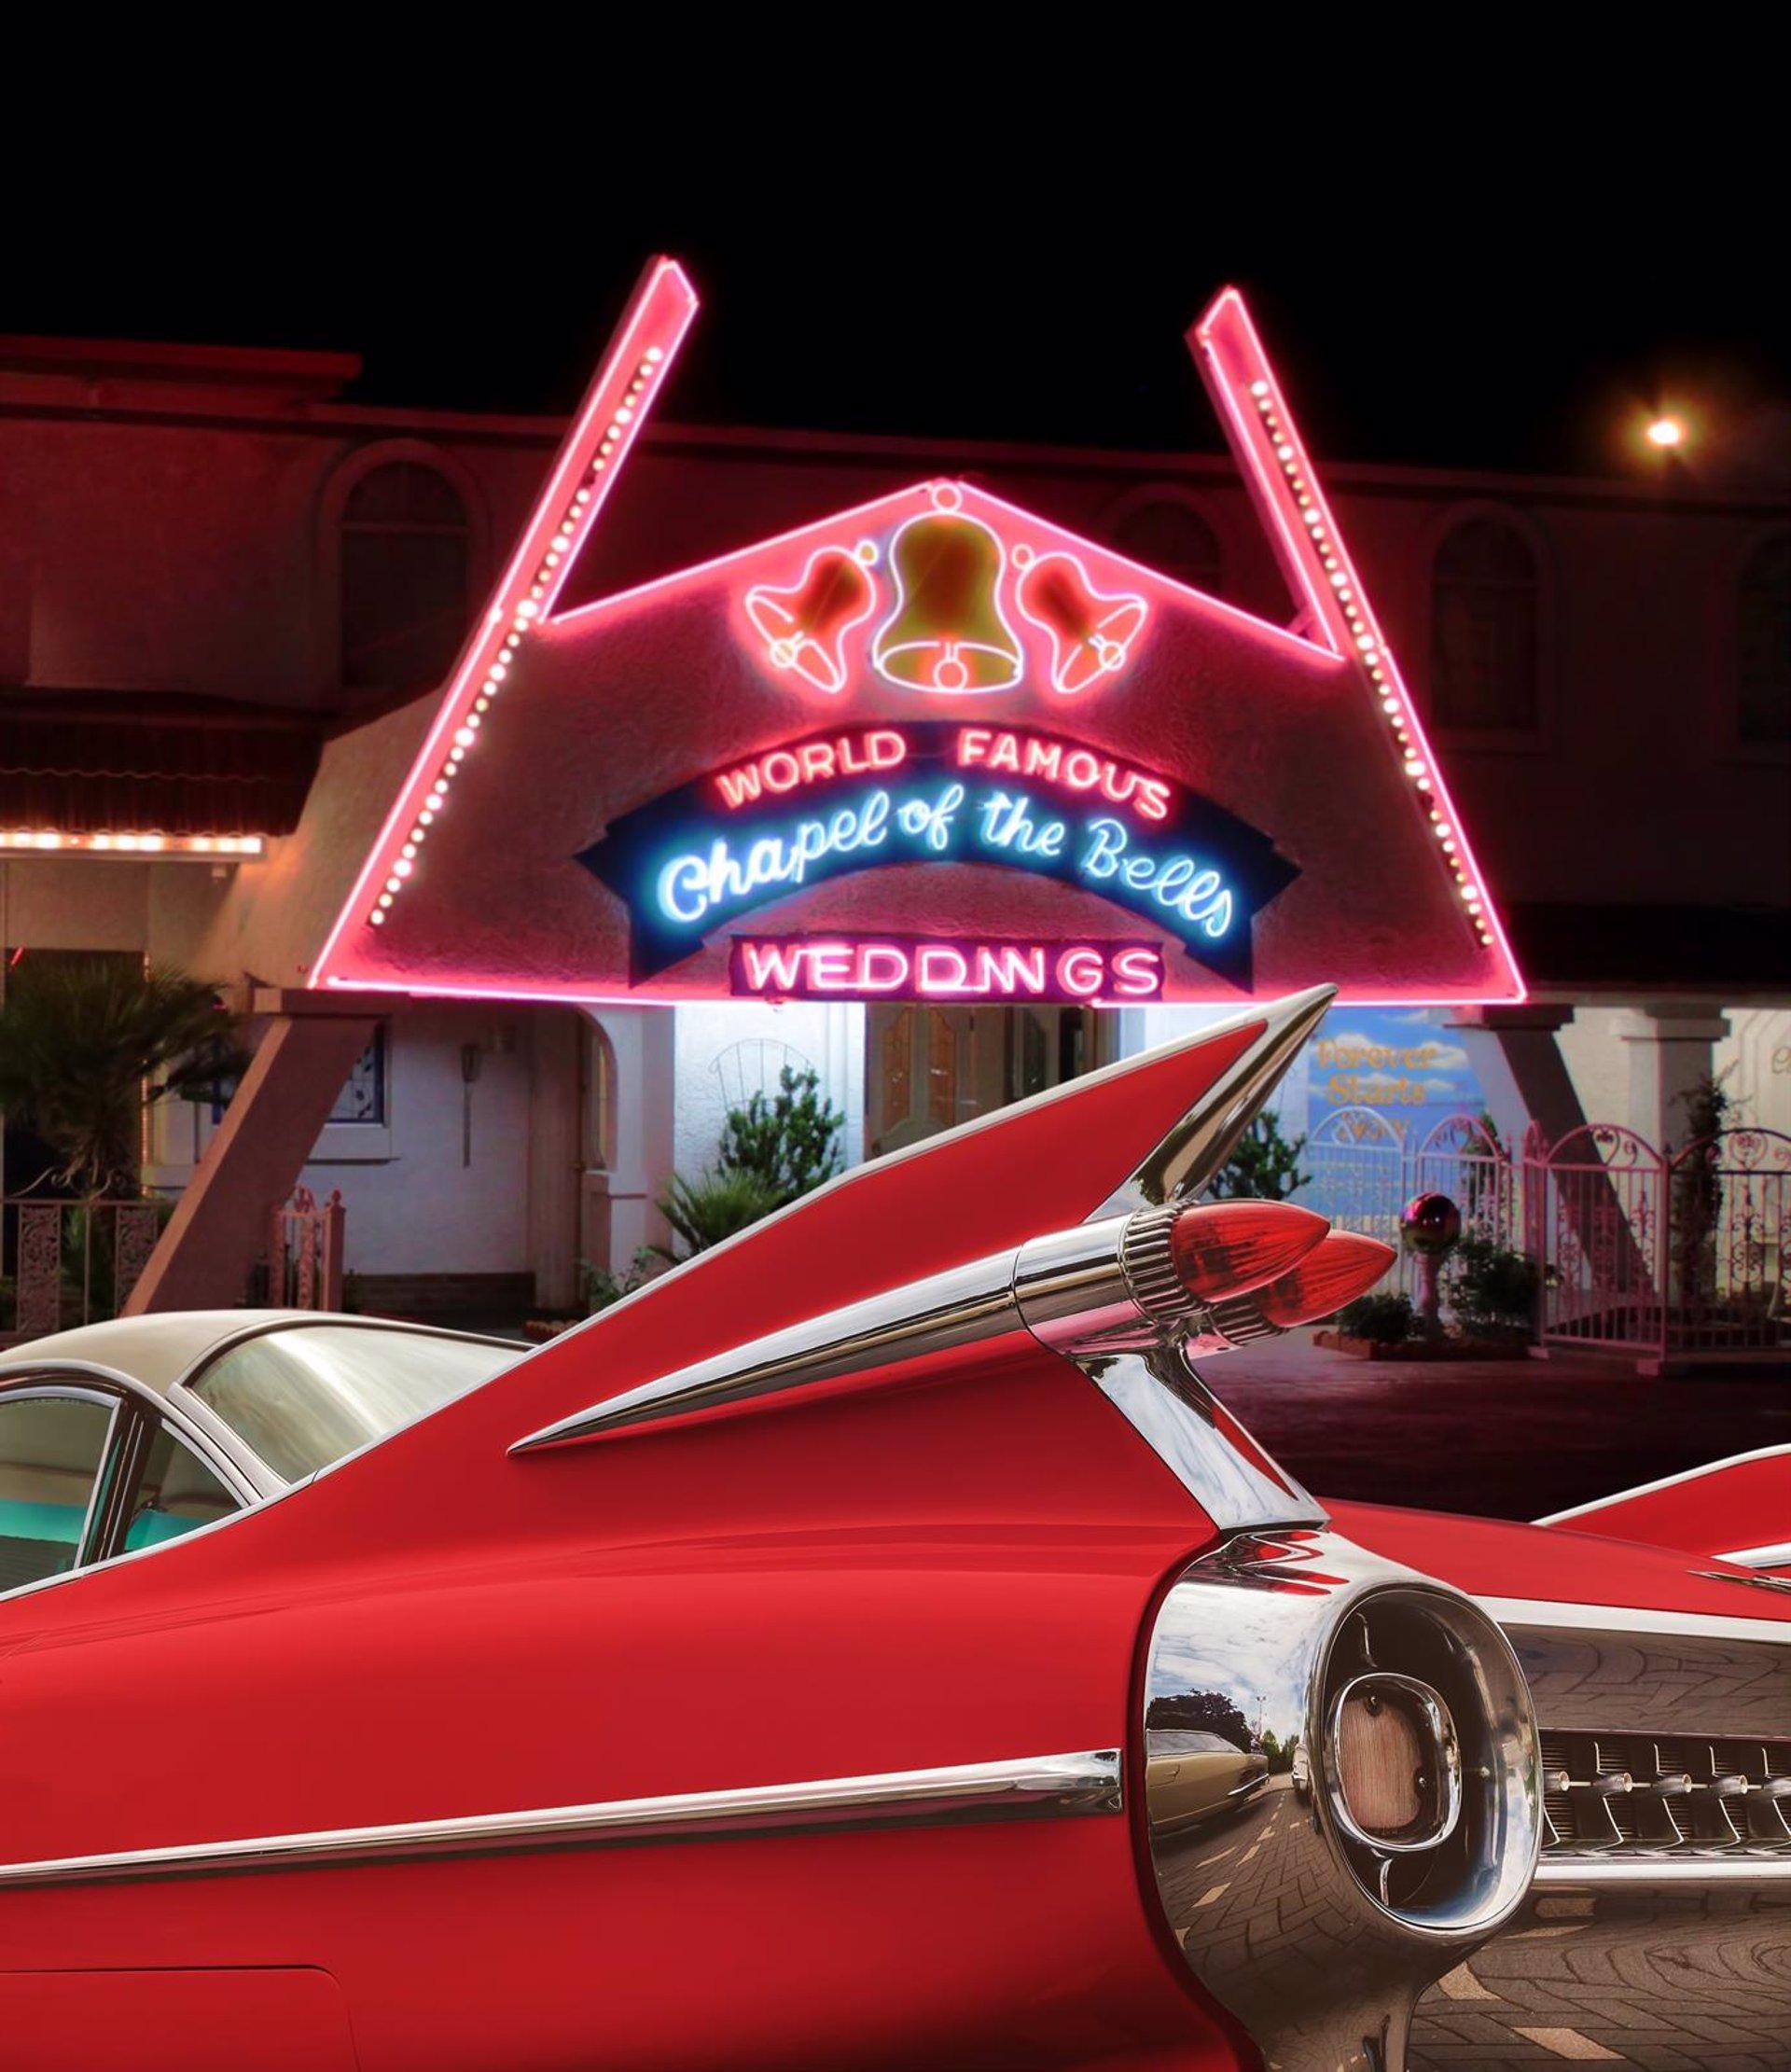 Matrimonio Simbolico Las Vegas : Bodas al estilo las vegas en xanadú para parejas con